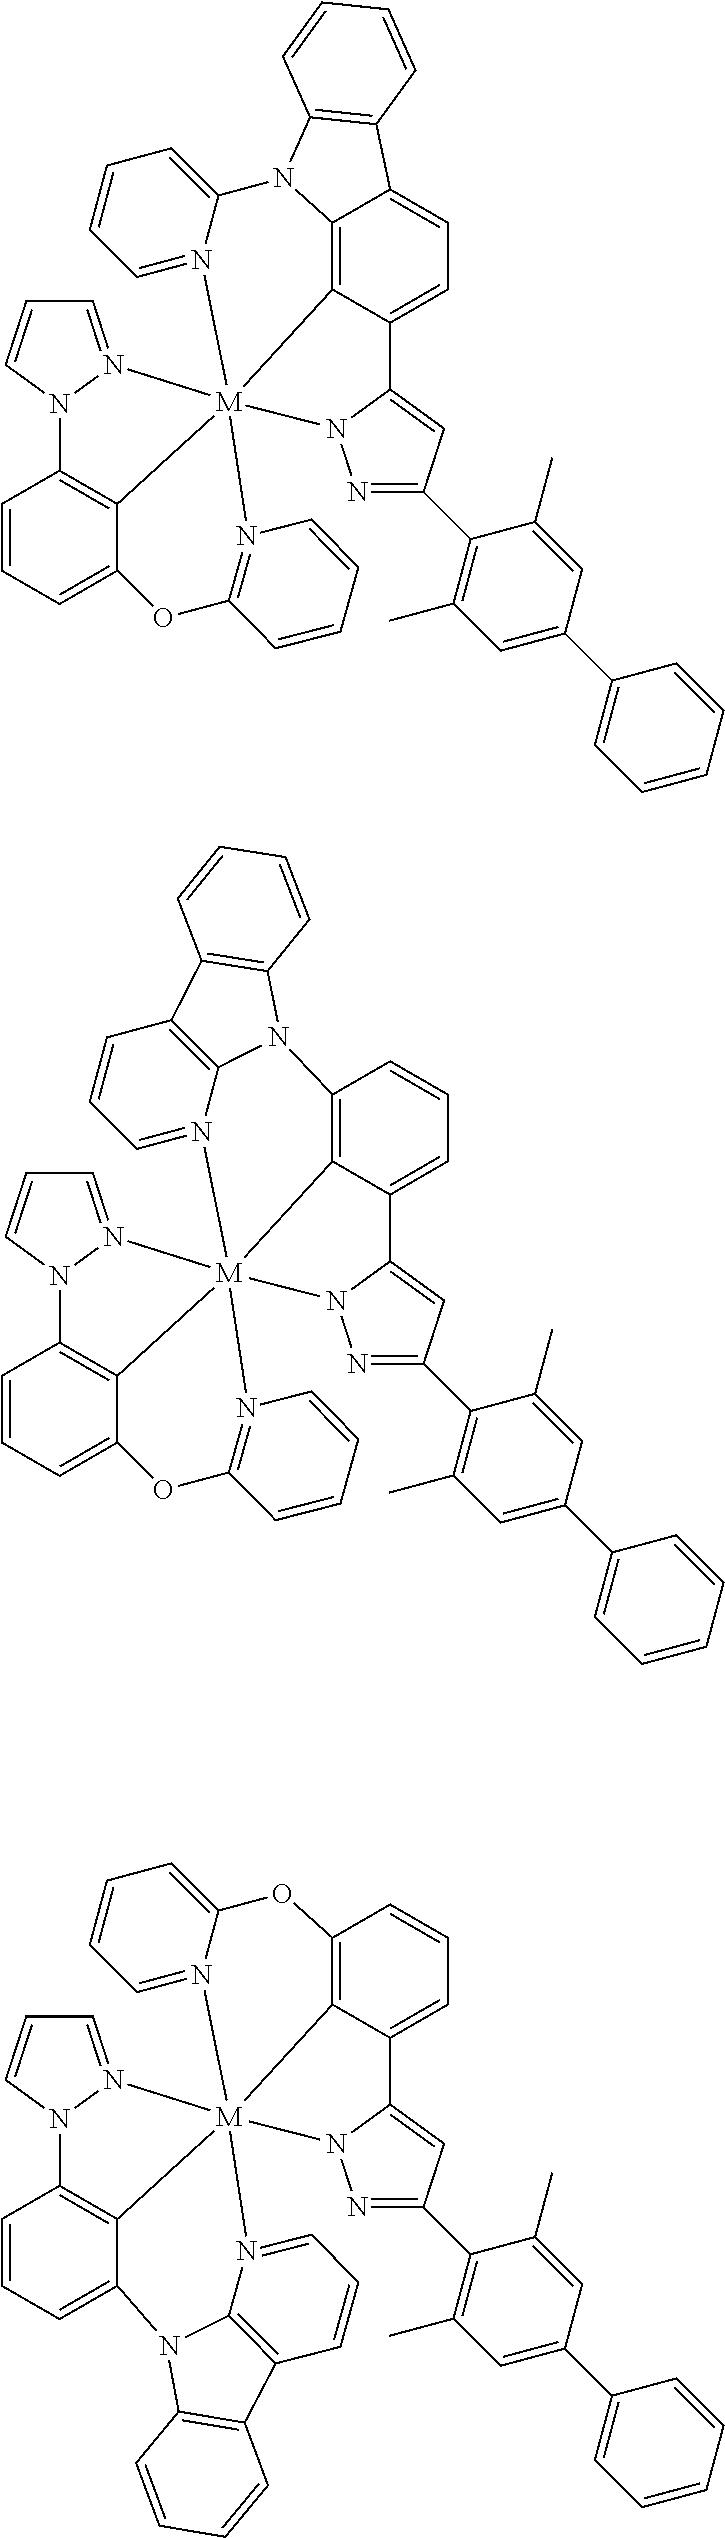 Figure US09818959-20171114-C00358